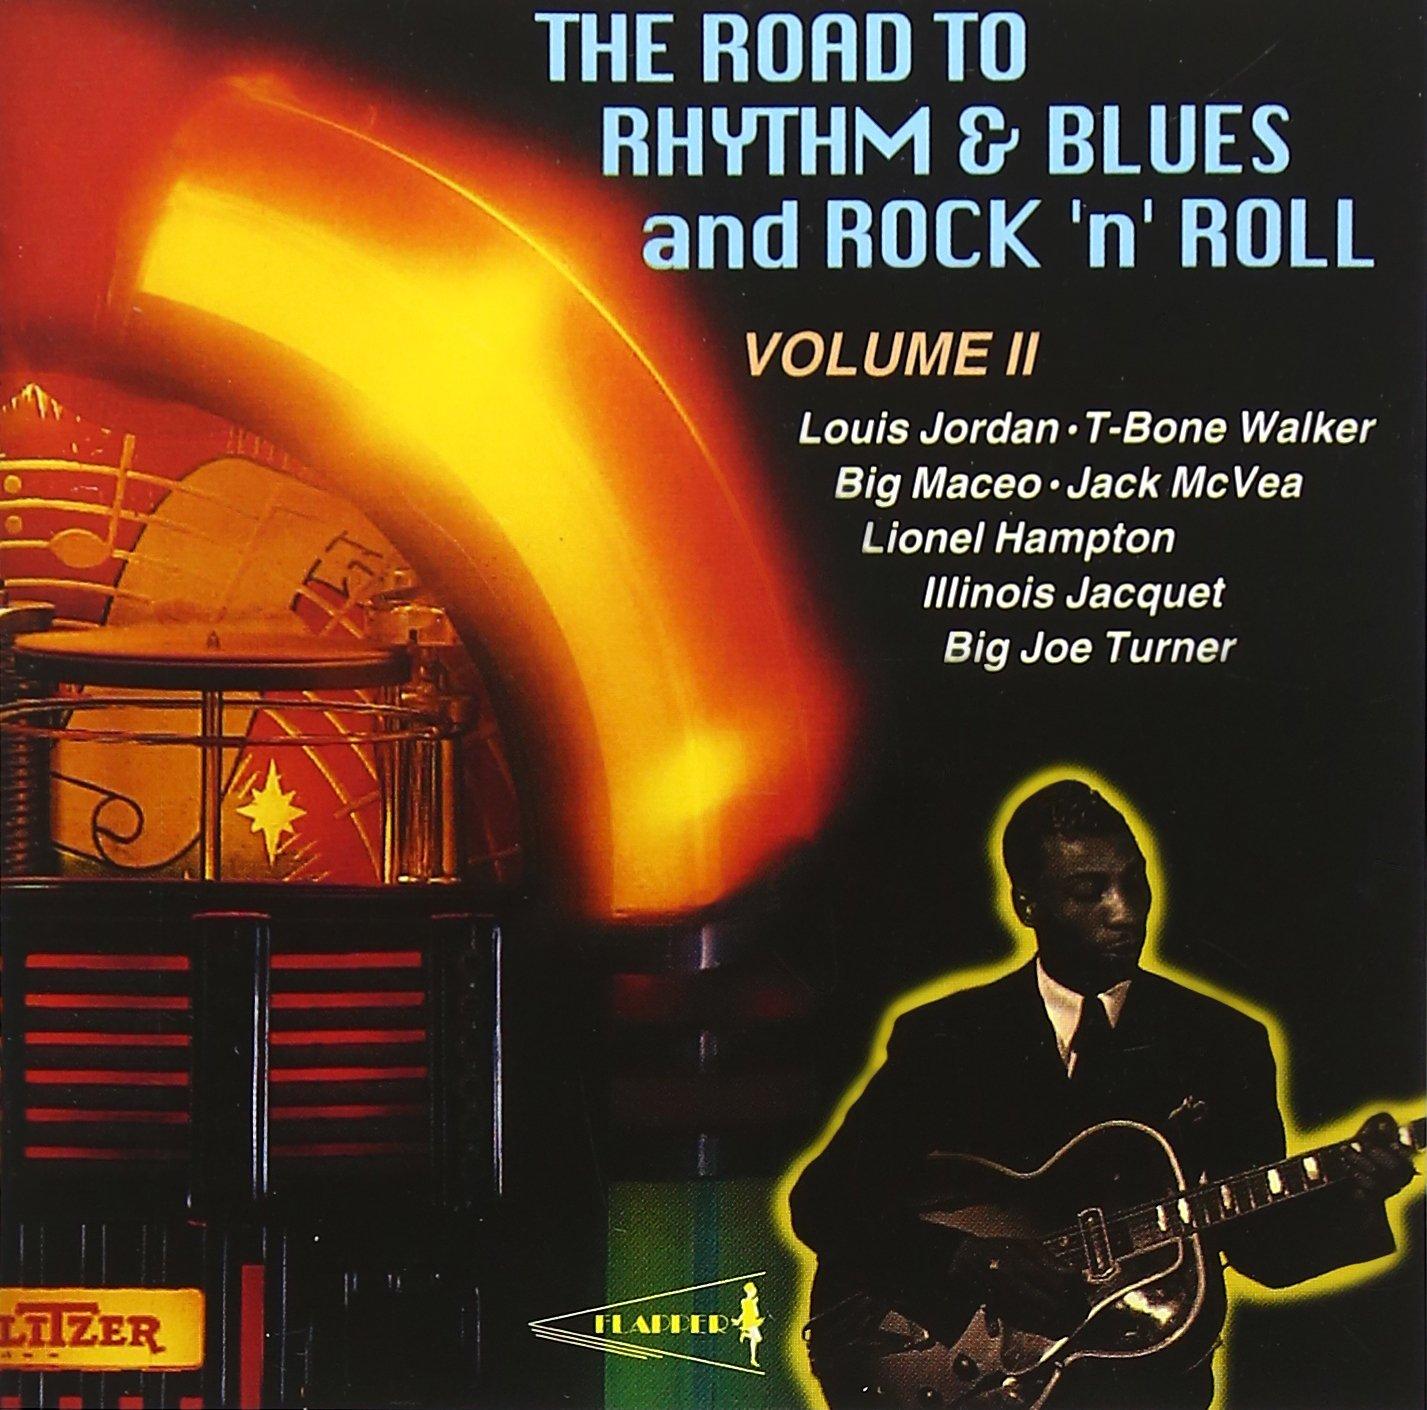 Road To Rhythm & Blues & Rock N' Roll, Vol. 2